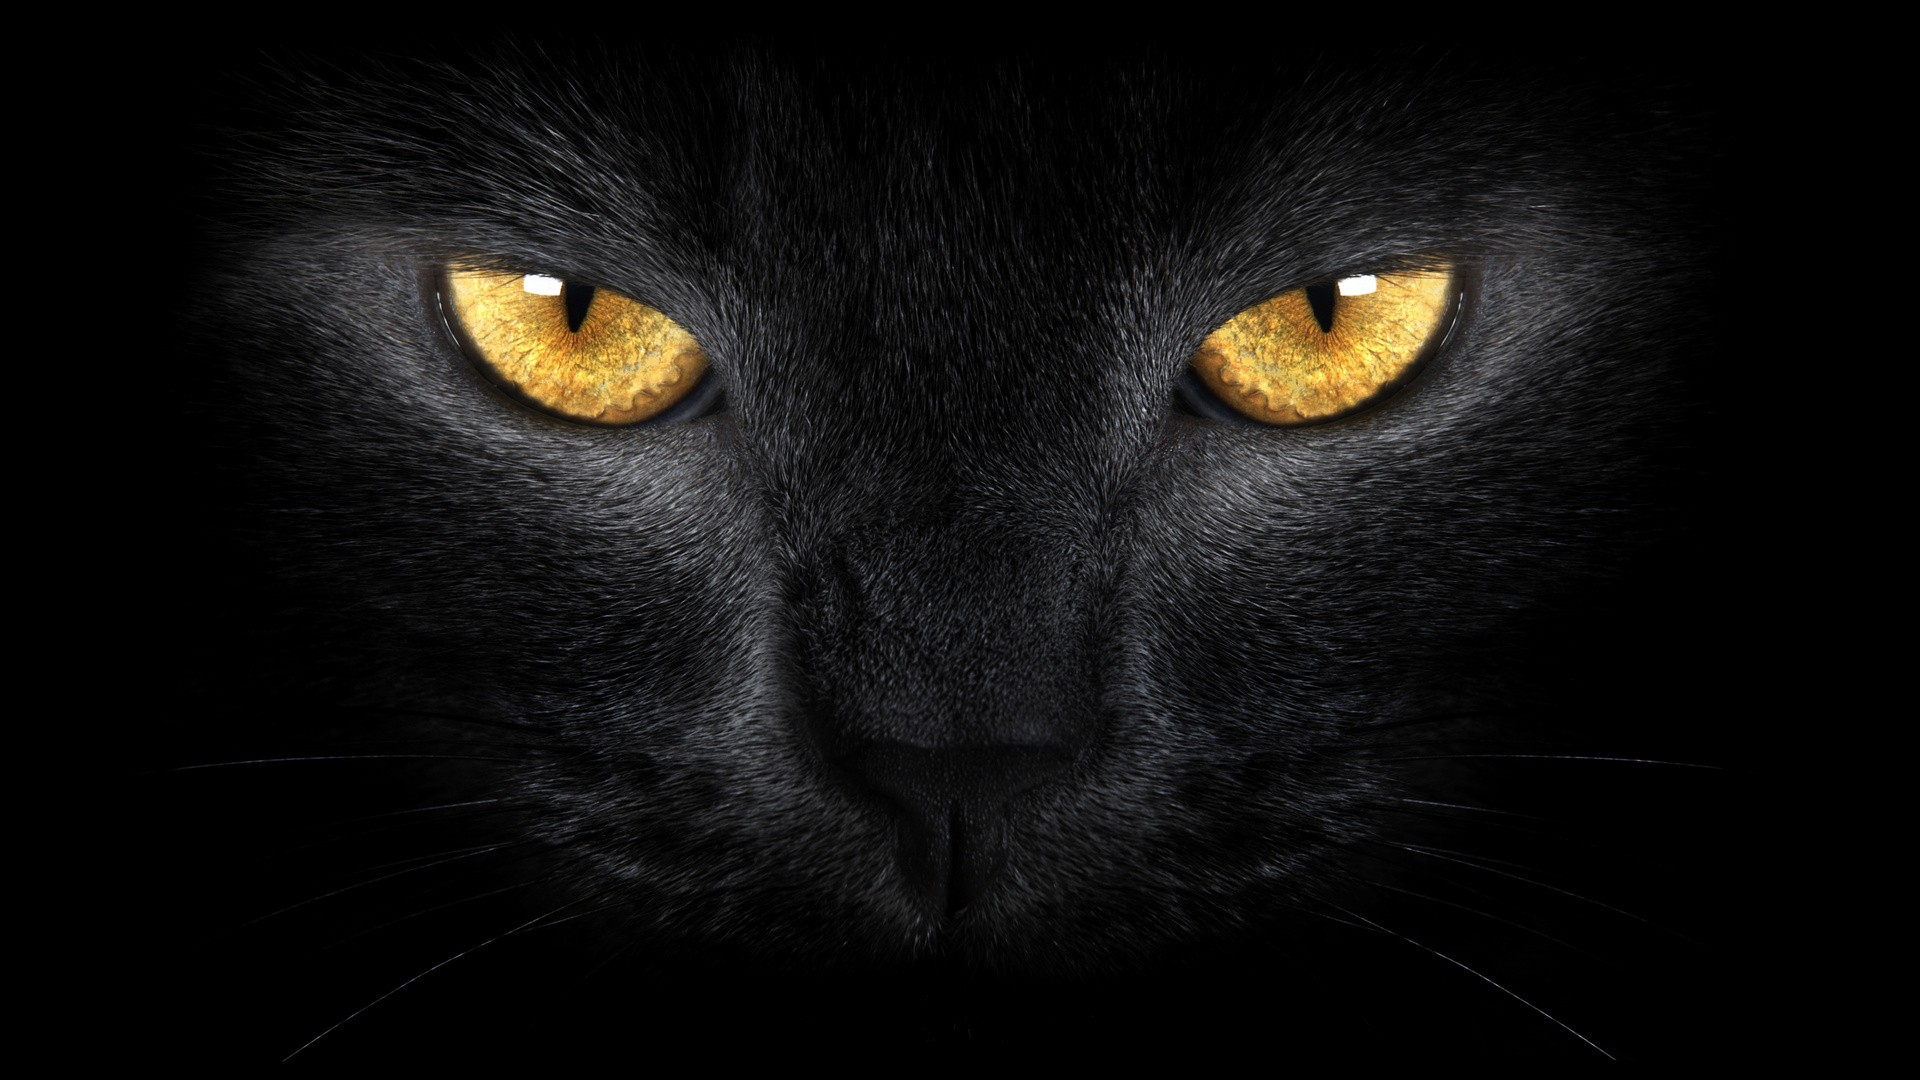 Black Cat wallpaper hd